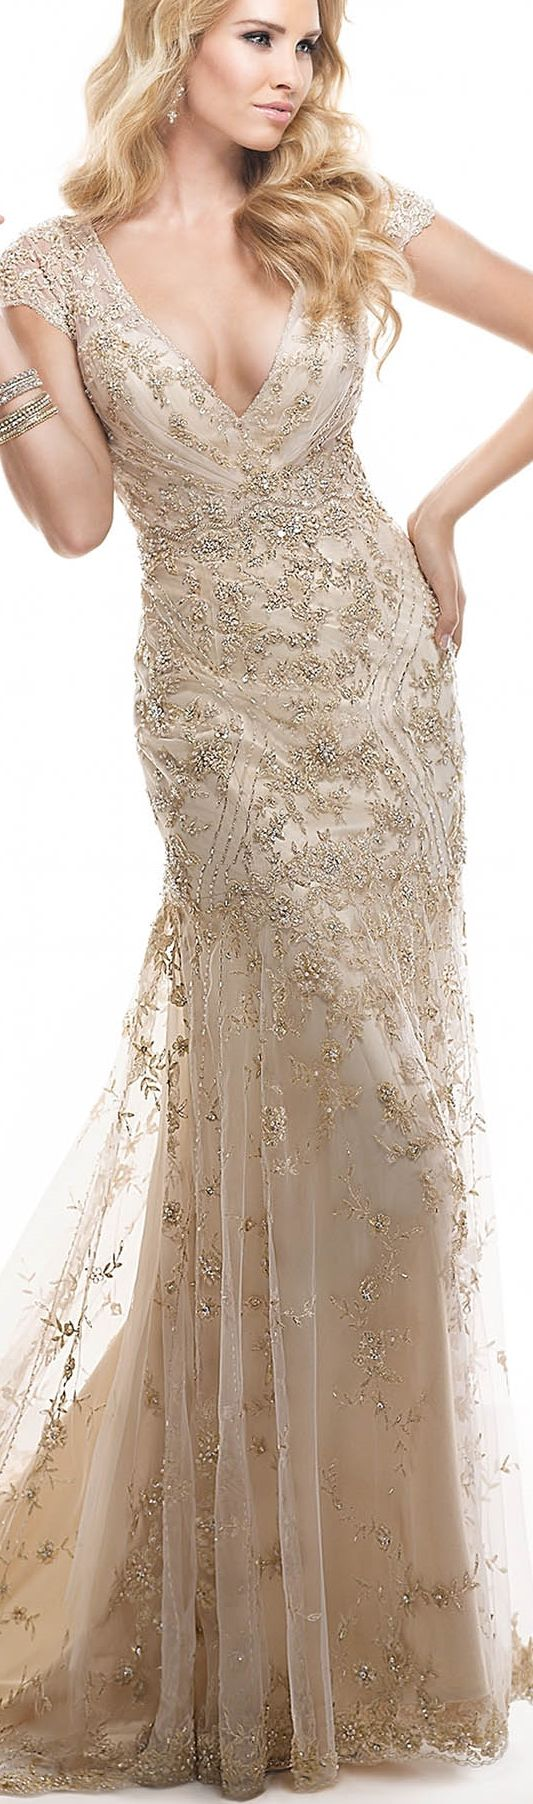 Maggie Sottero Wedding Dresses | Weißes kleid, Ballkleid und Ballkleider